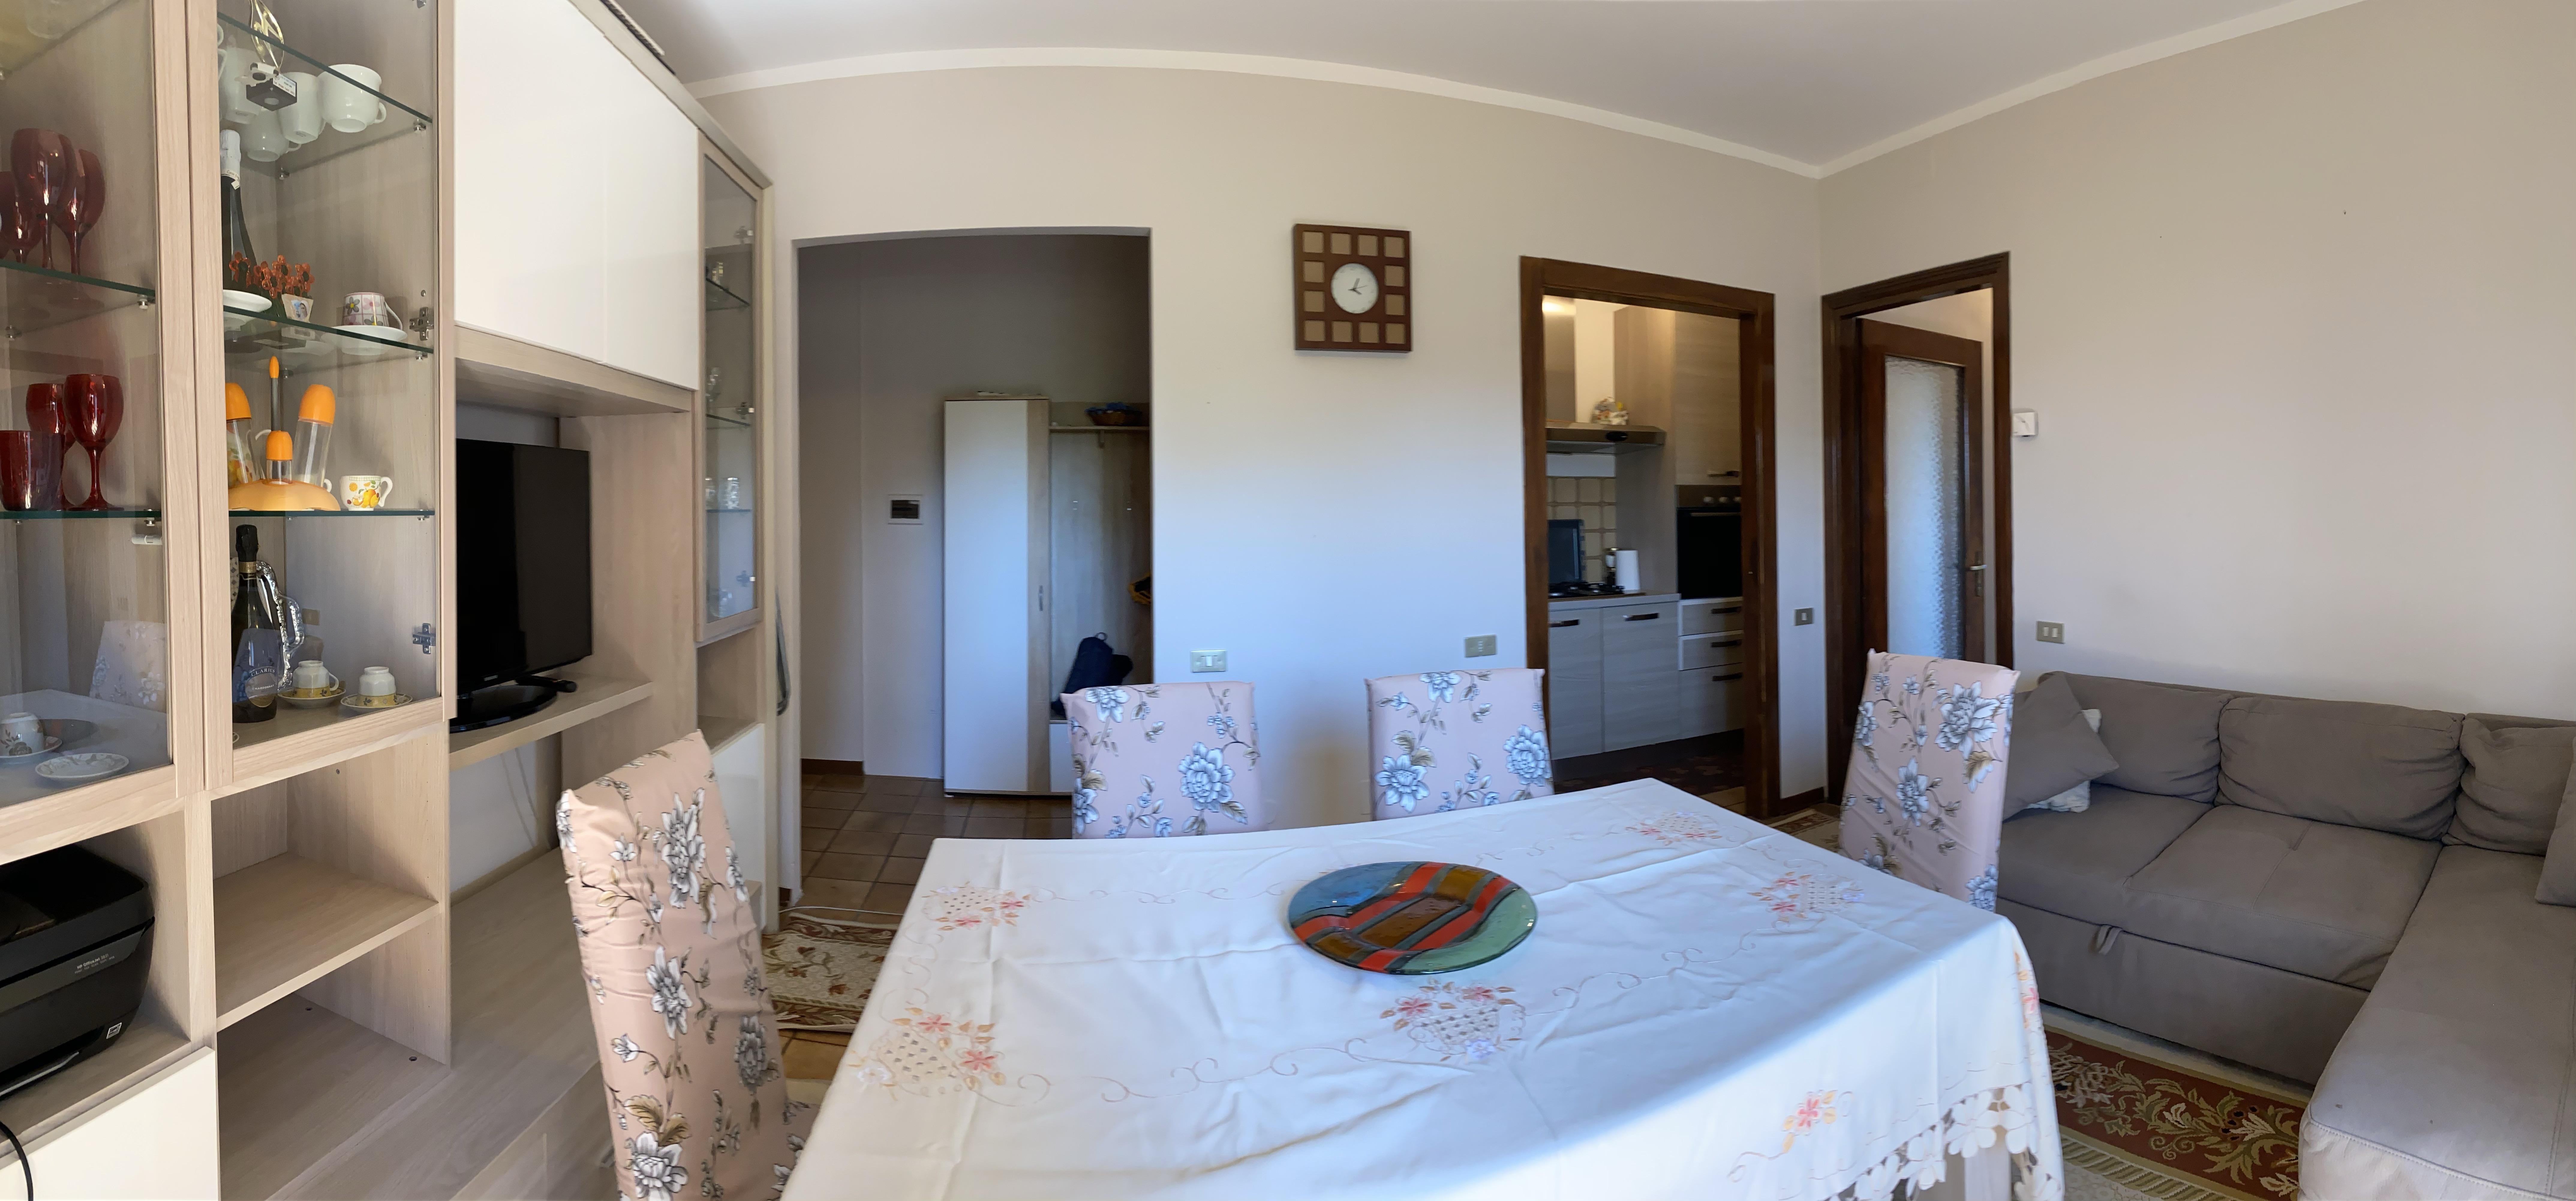 Appartamento in vendita, rif. X271